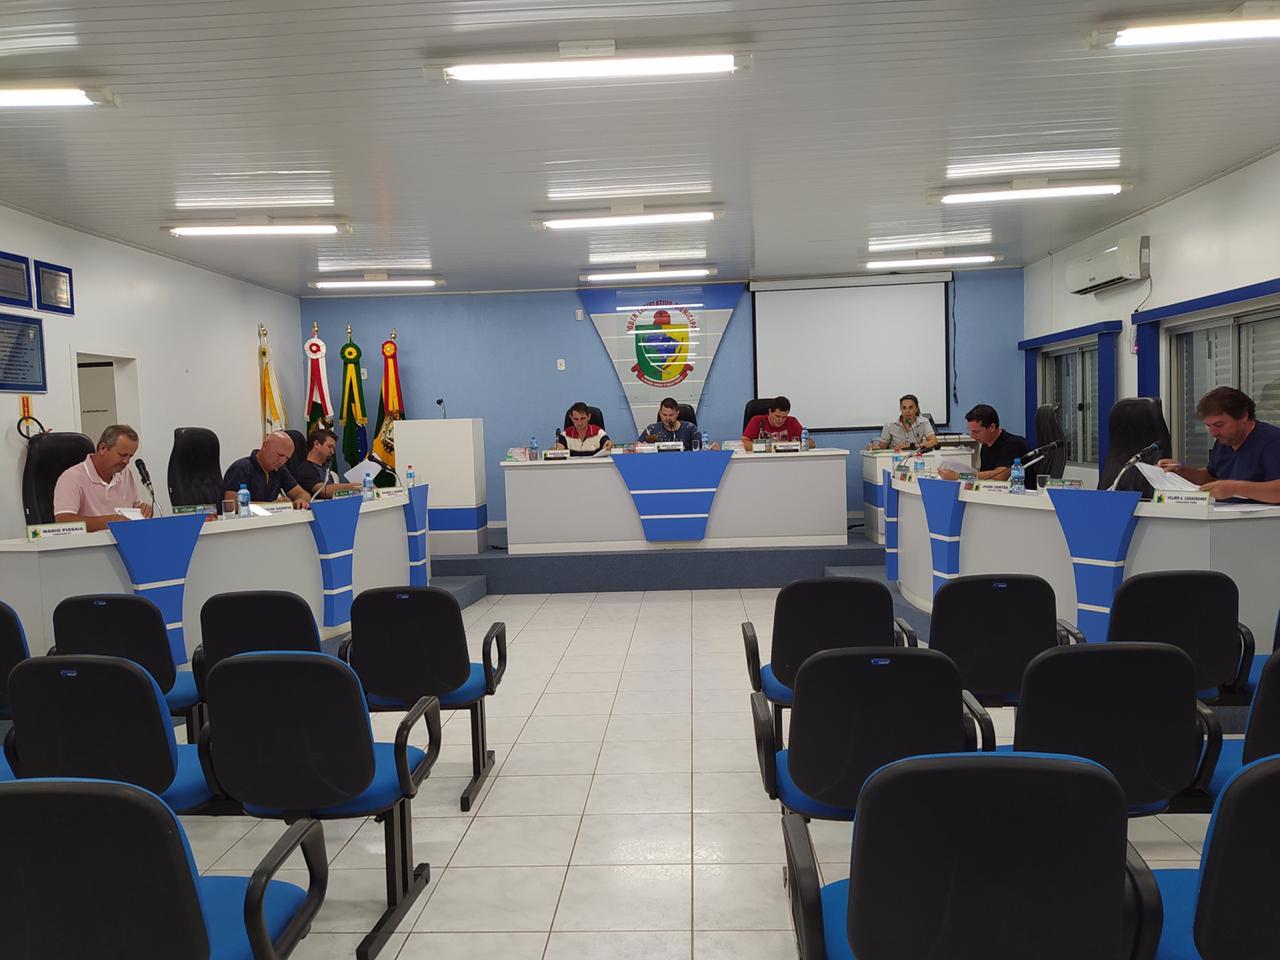 Creche Municipal do Distrito de Itajubá terá o nome de Judit Ângela Balbinot Prigol